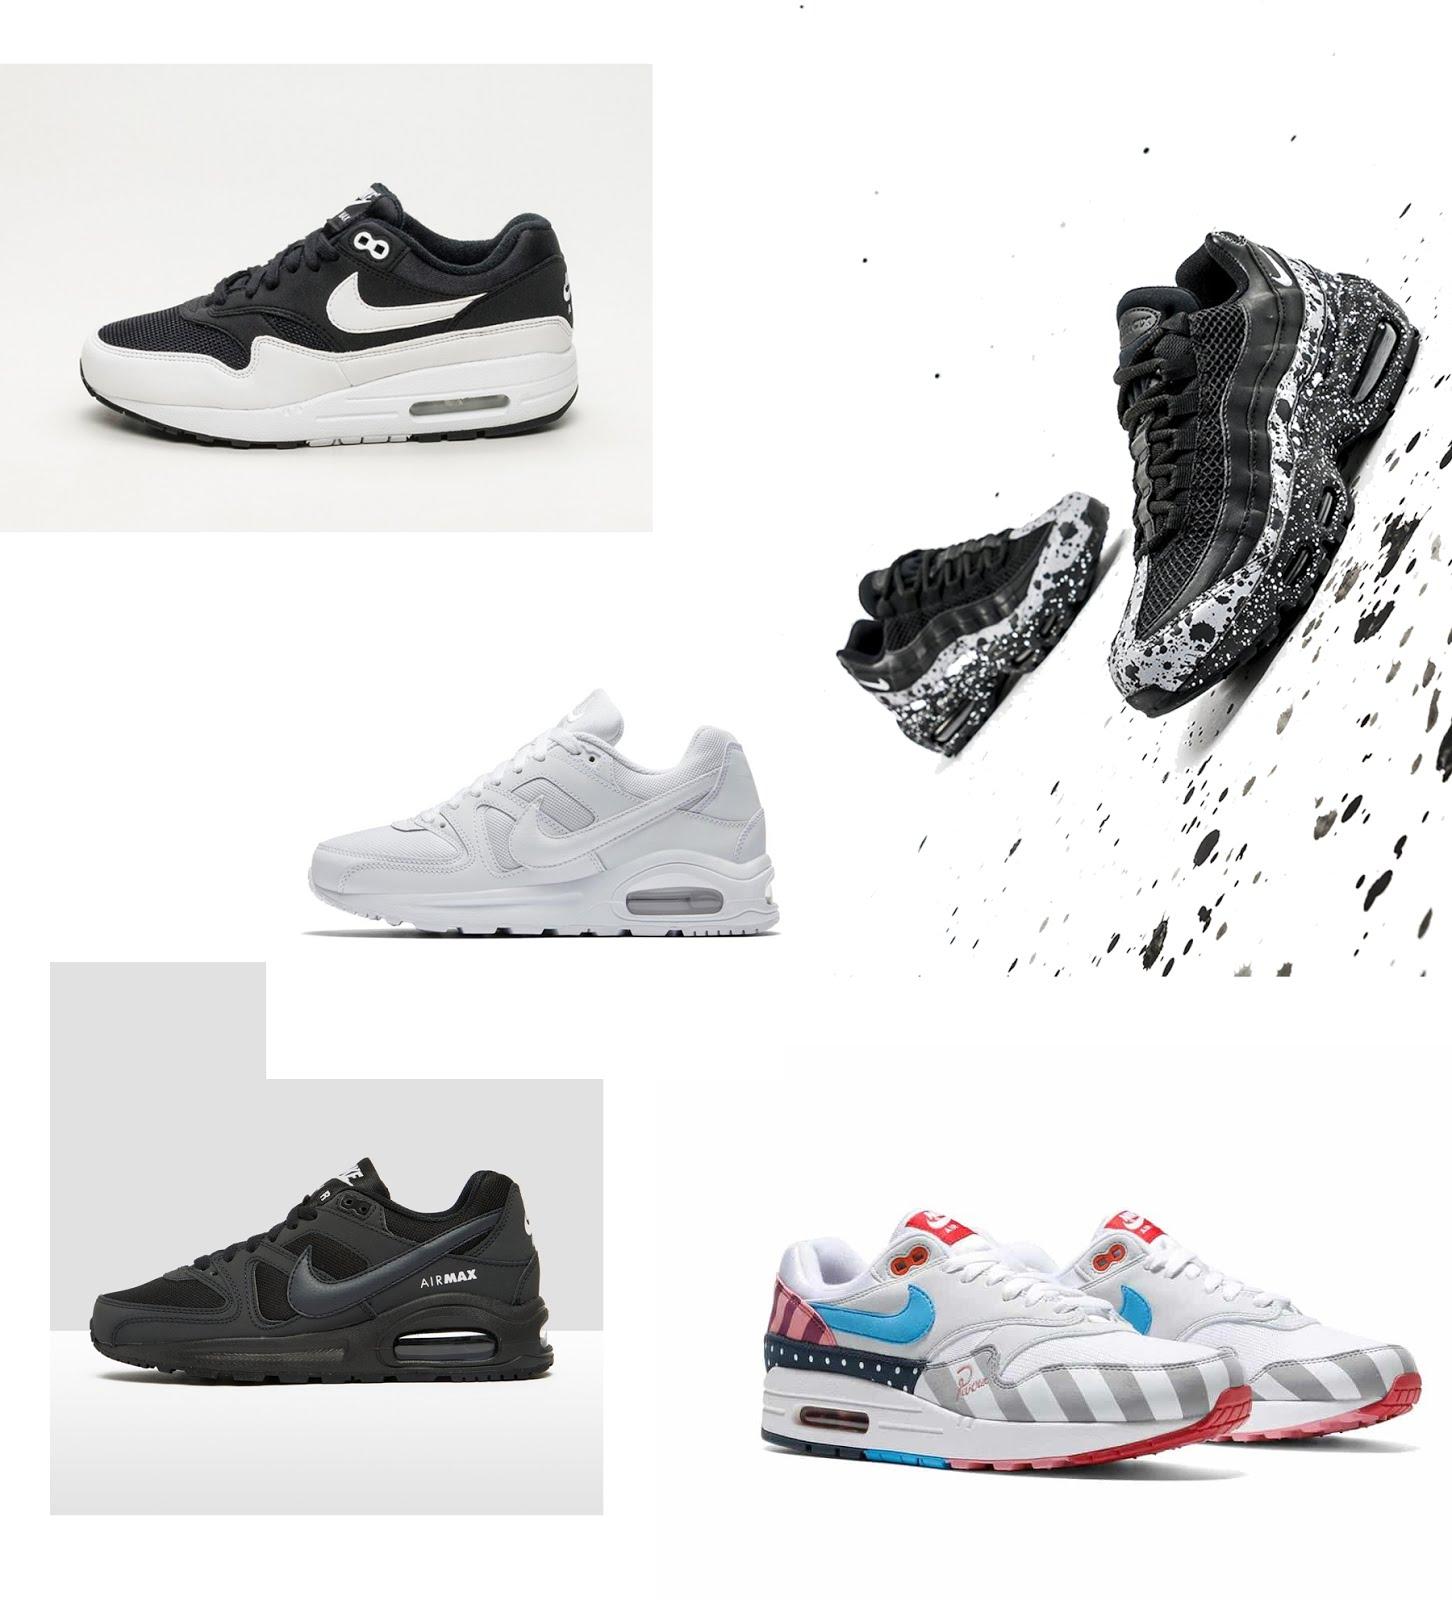 Nike air max, sneakers, sportshowroom, minimal, inspiration, nike air max command, nike air max 1, nike air max 95